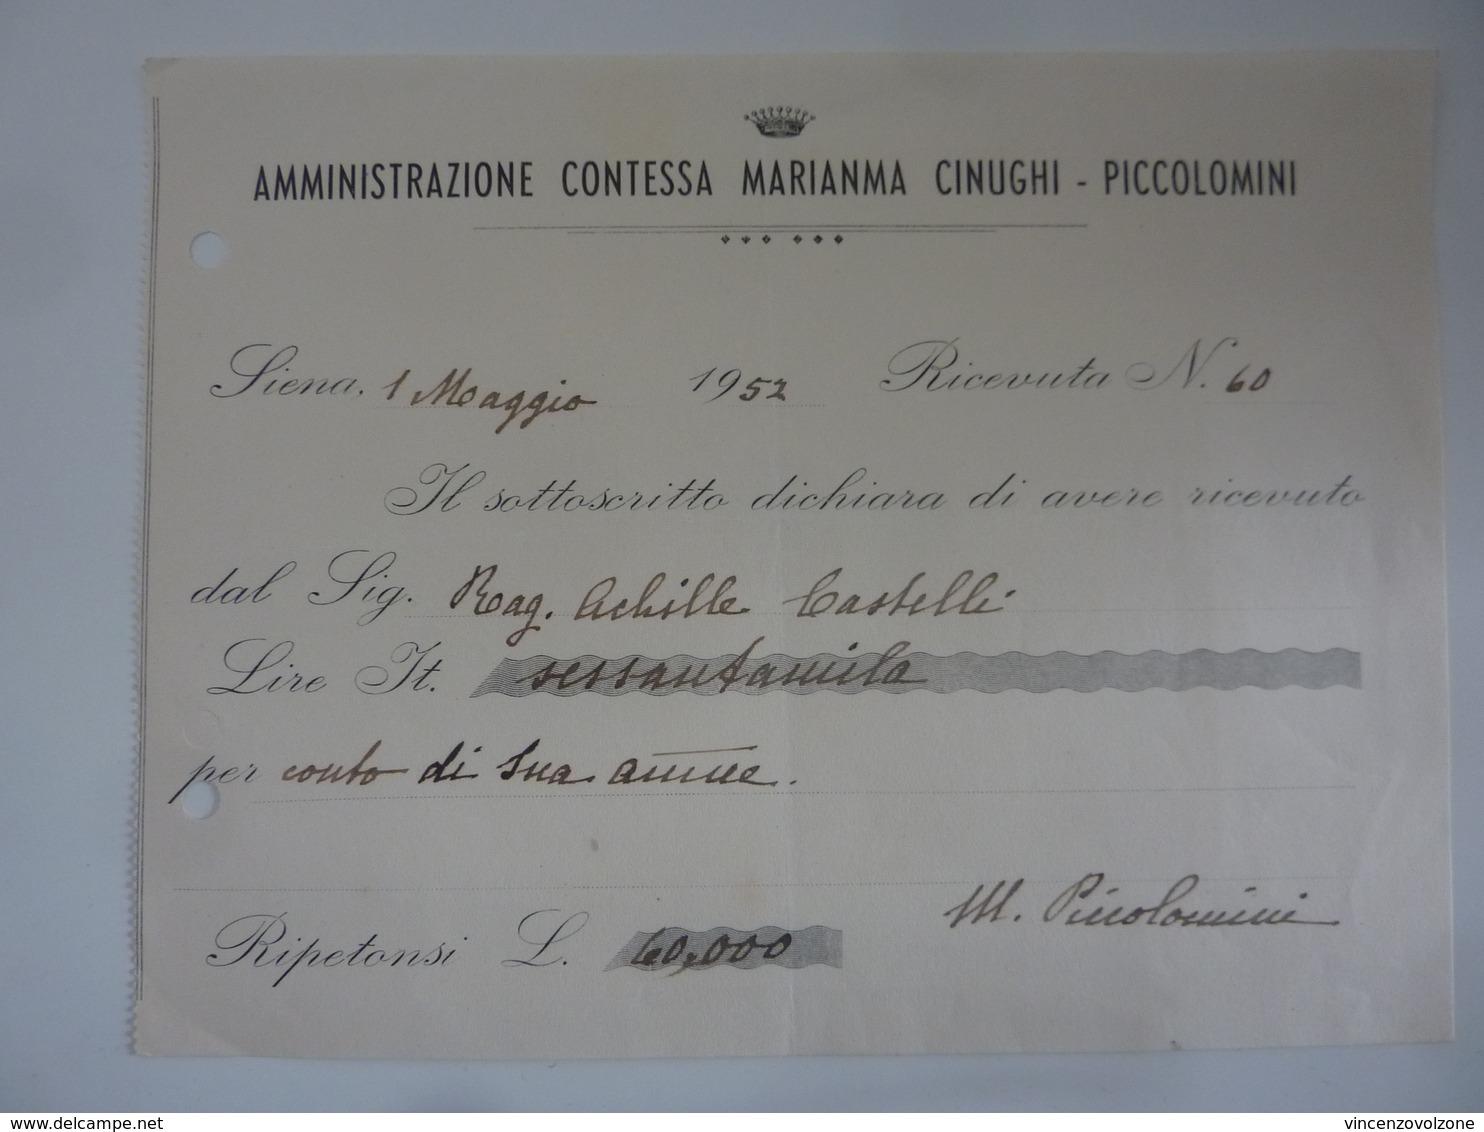 """Ricevuta """"AMMINISTRAZIONE CONTESSA MARIANNA CINUGHI . PICCOLOMINI SIENA"""" 1 Maggio 1952 - Italia"""